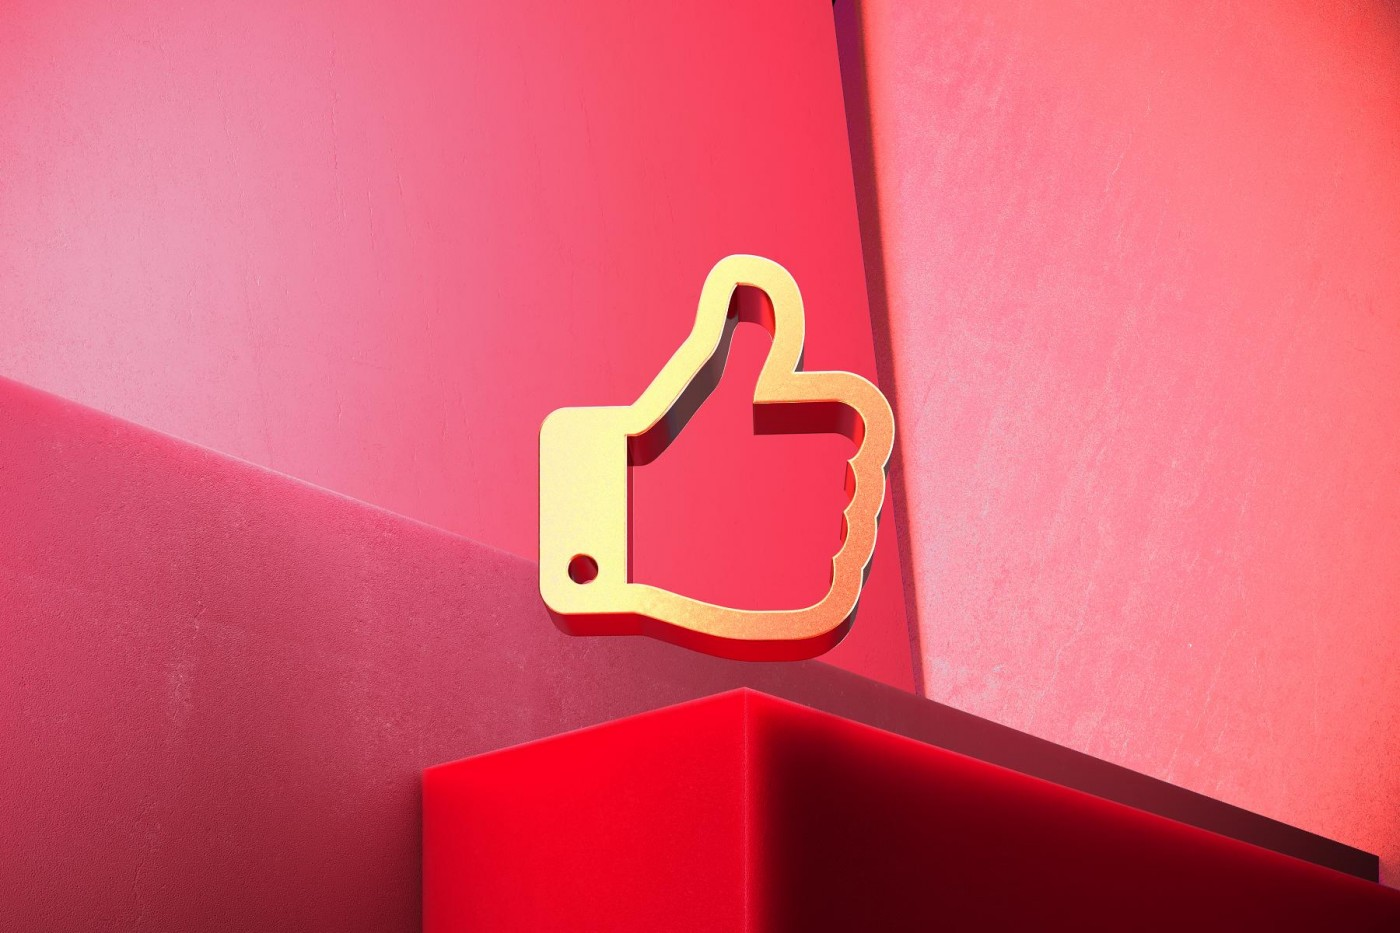 想看獨家內容就要付費,Facebook開放社團經營者收月費